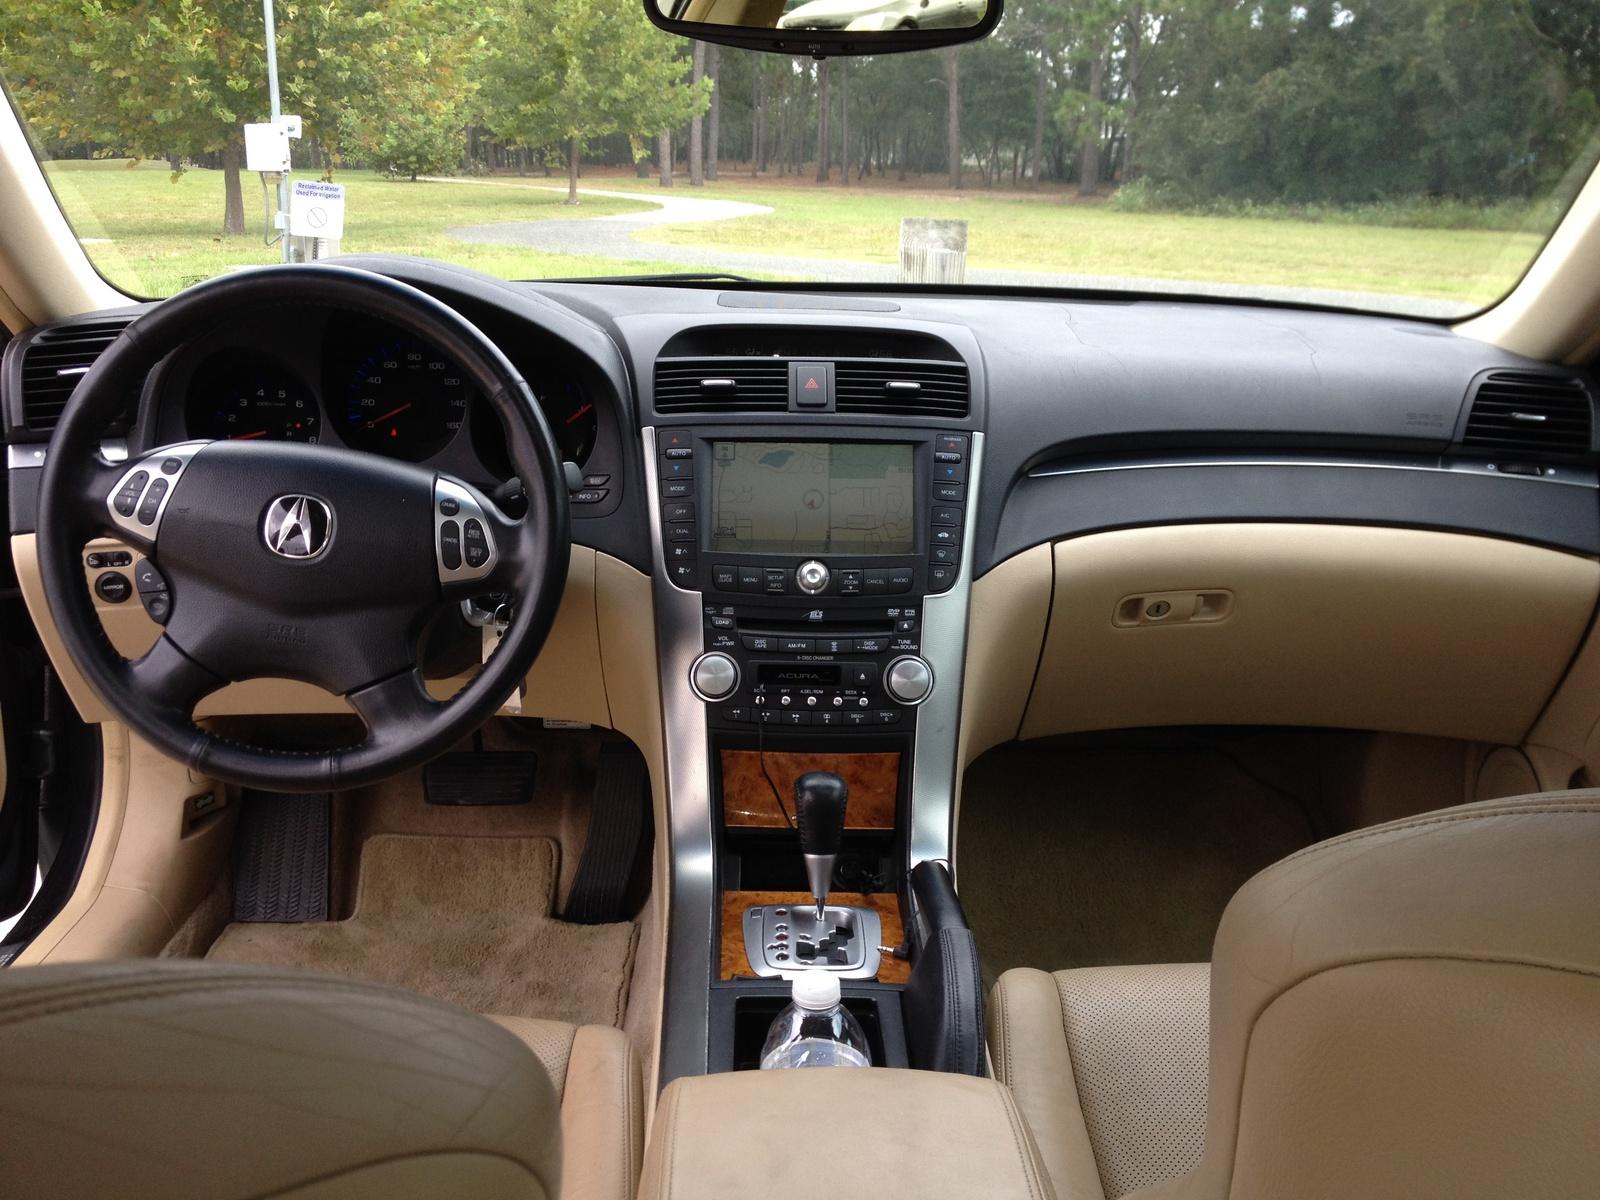 2004 Acura Tl Interior Pictures Cargurus